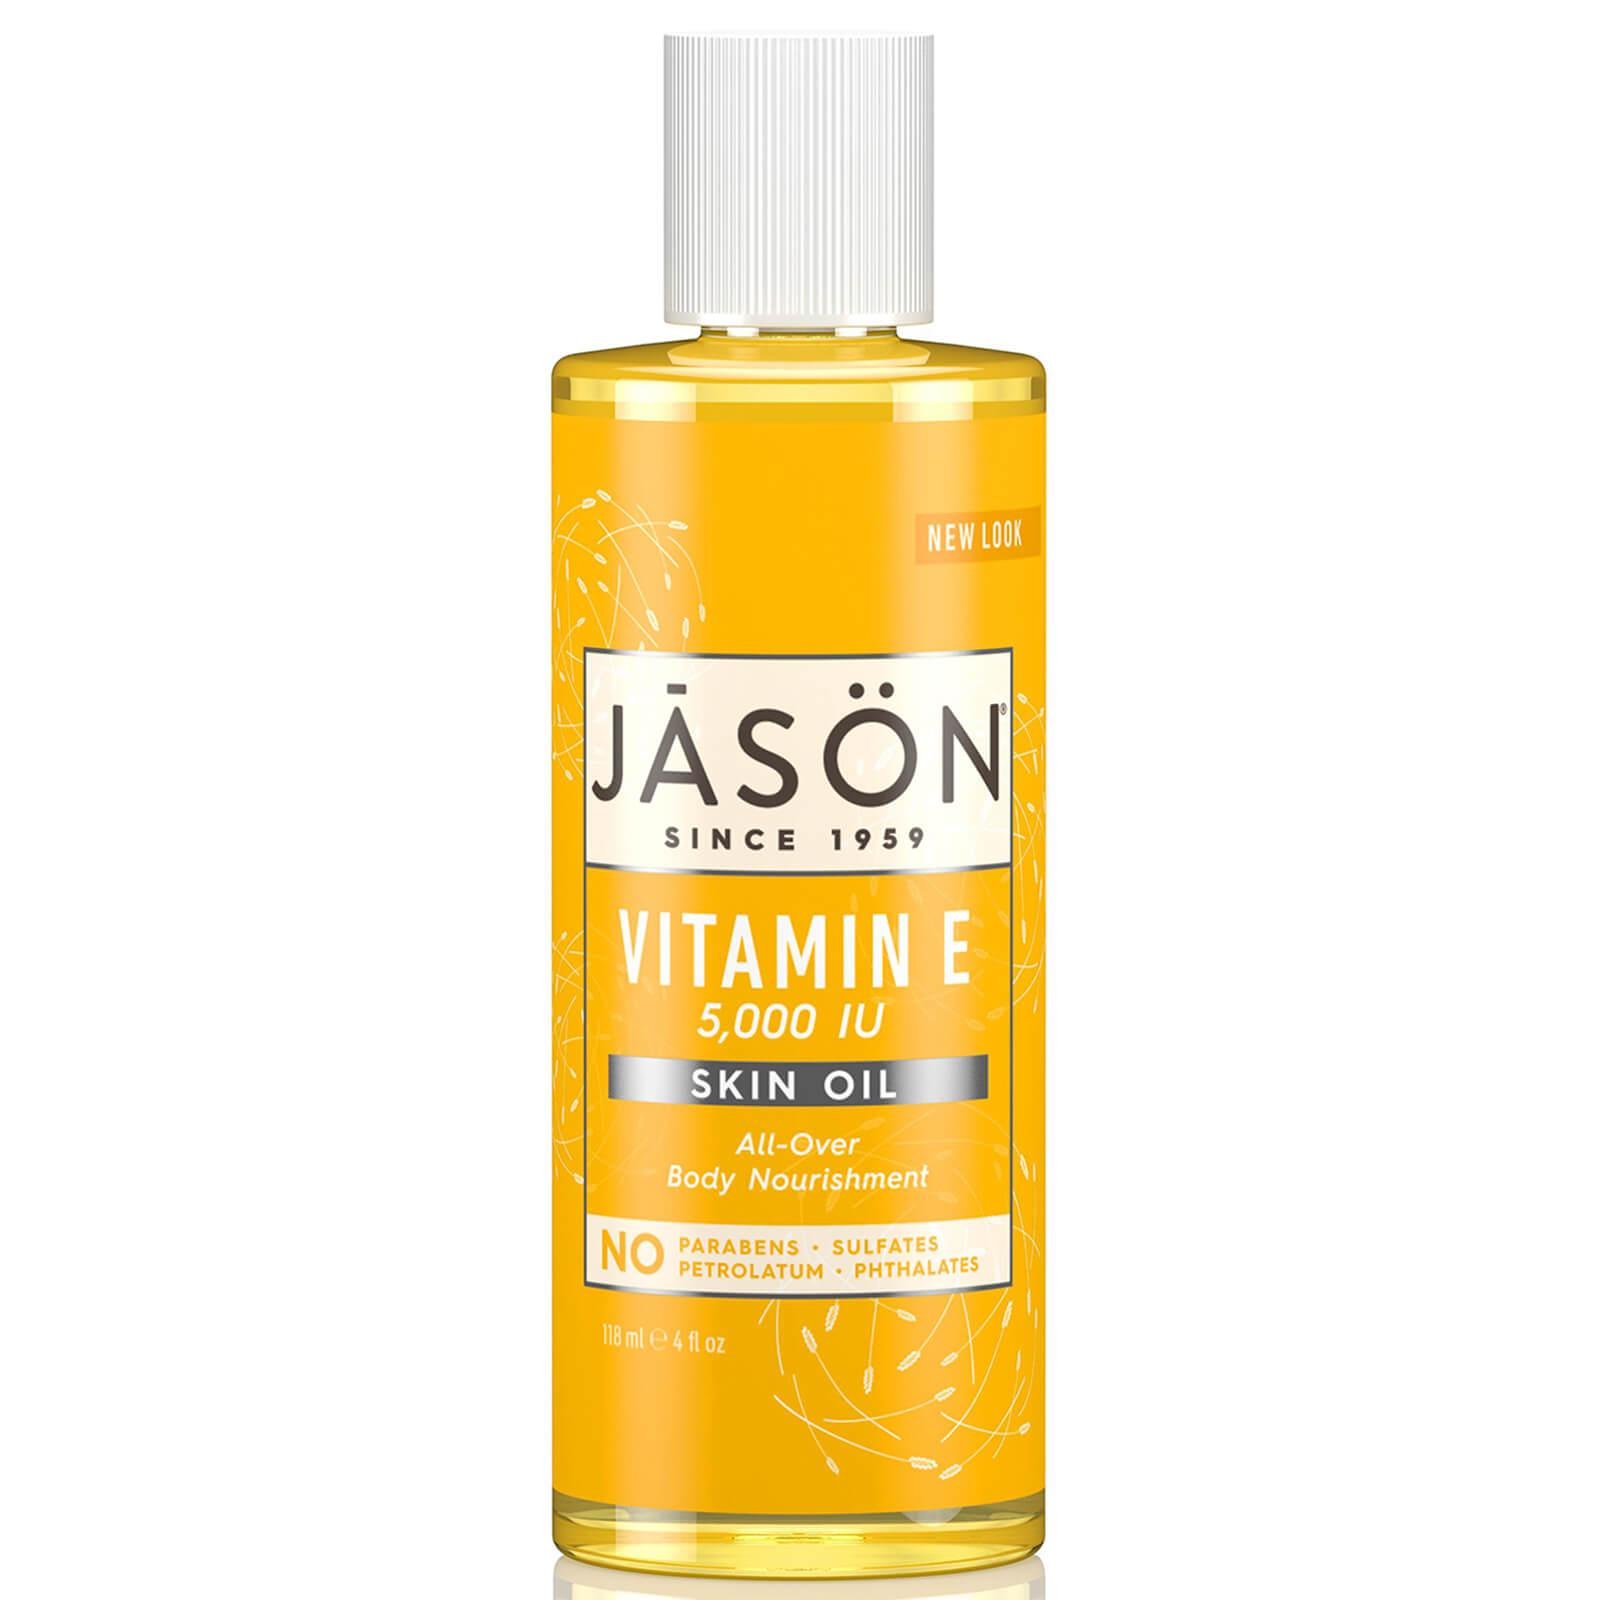 JASON Vitamin E 5,000iu Oil - All Over Body Nourishment 118ml